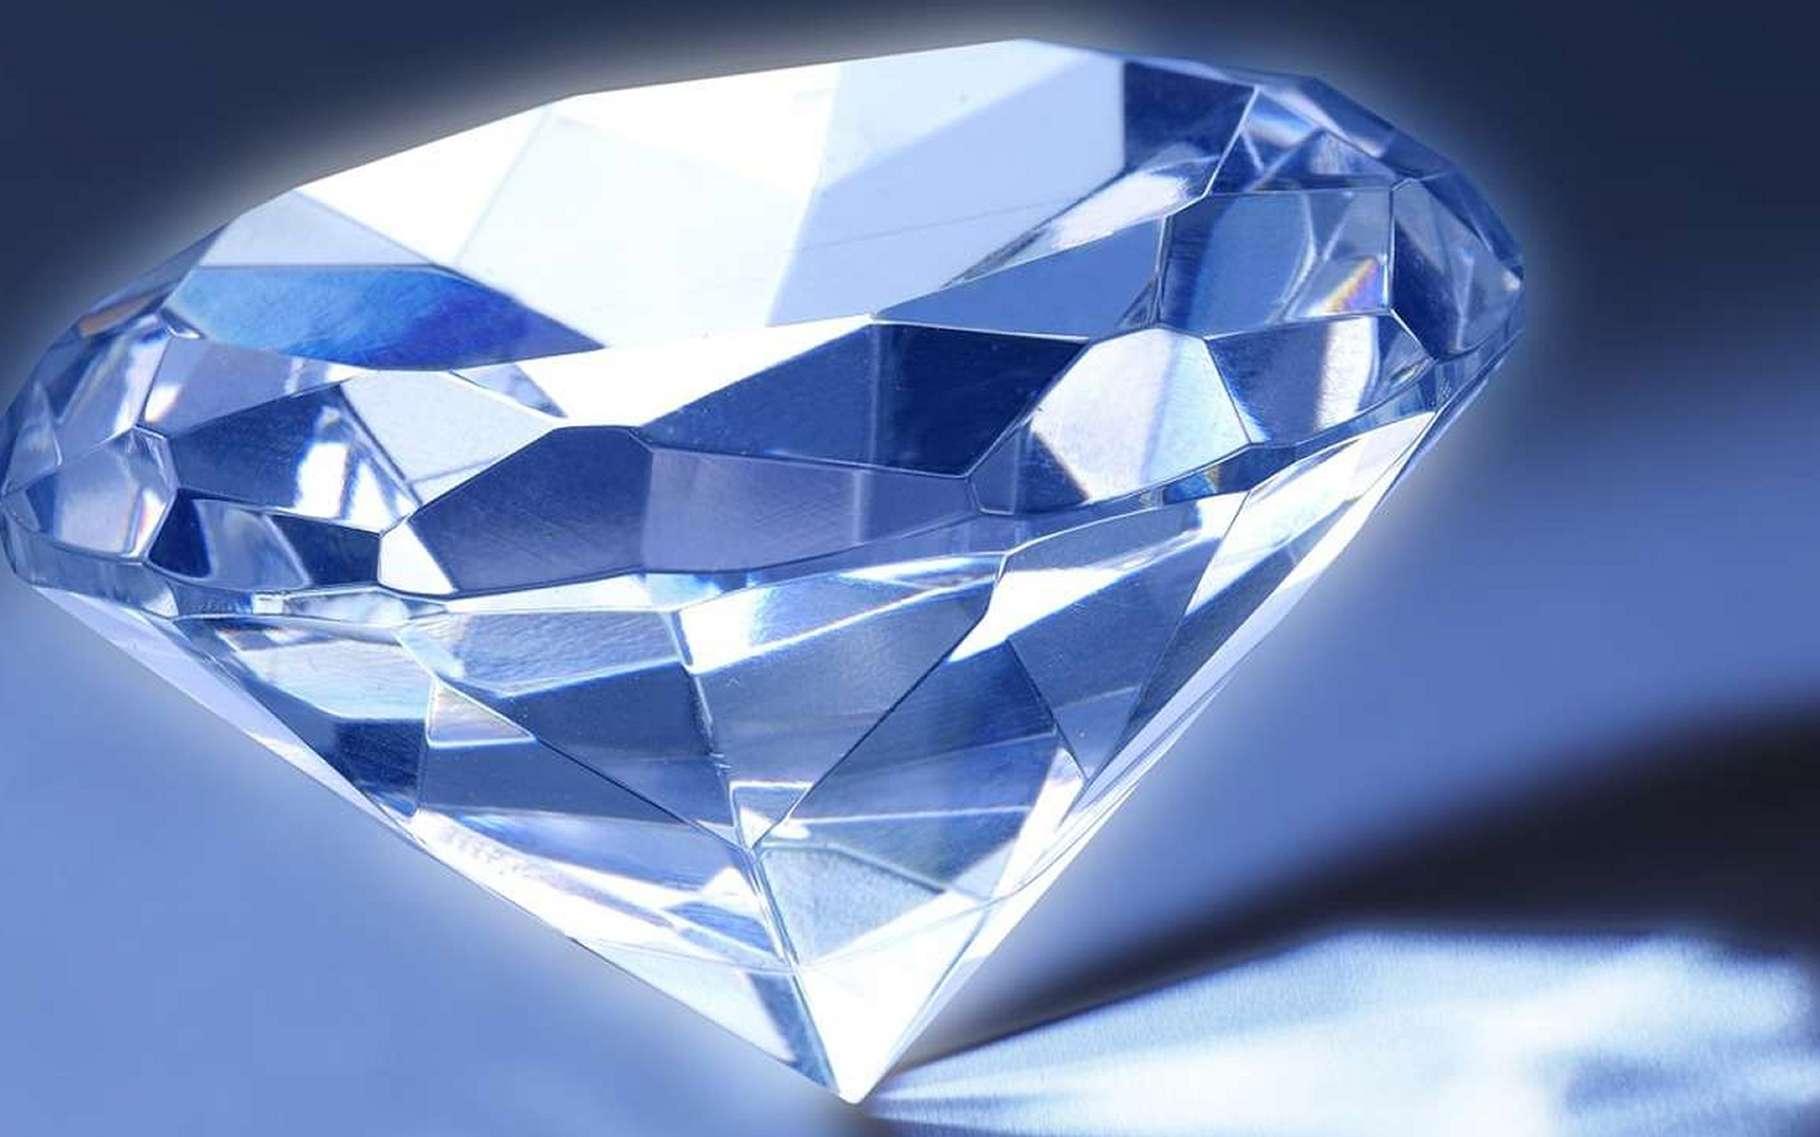 Des piles en diamant faites de dchets radioactifs